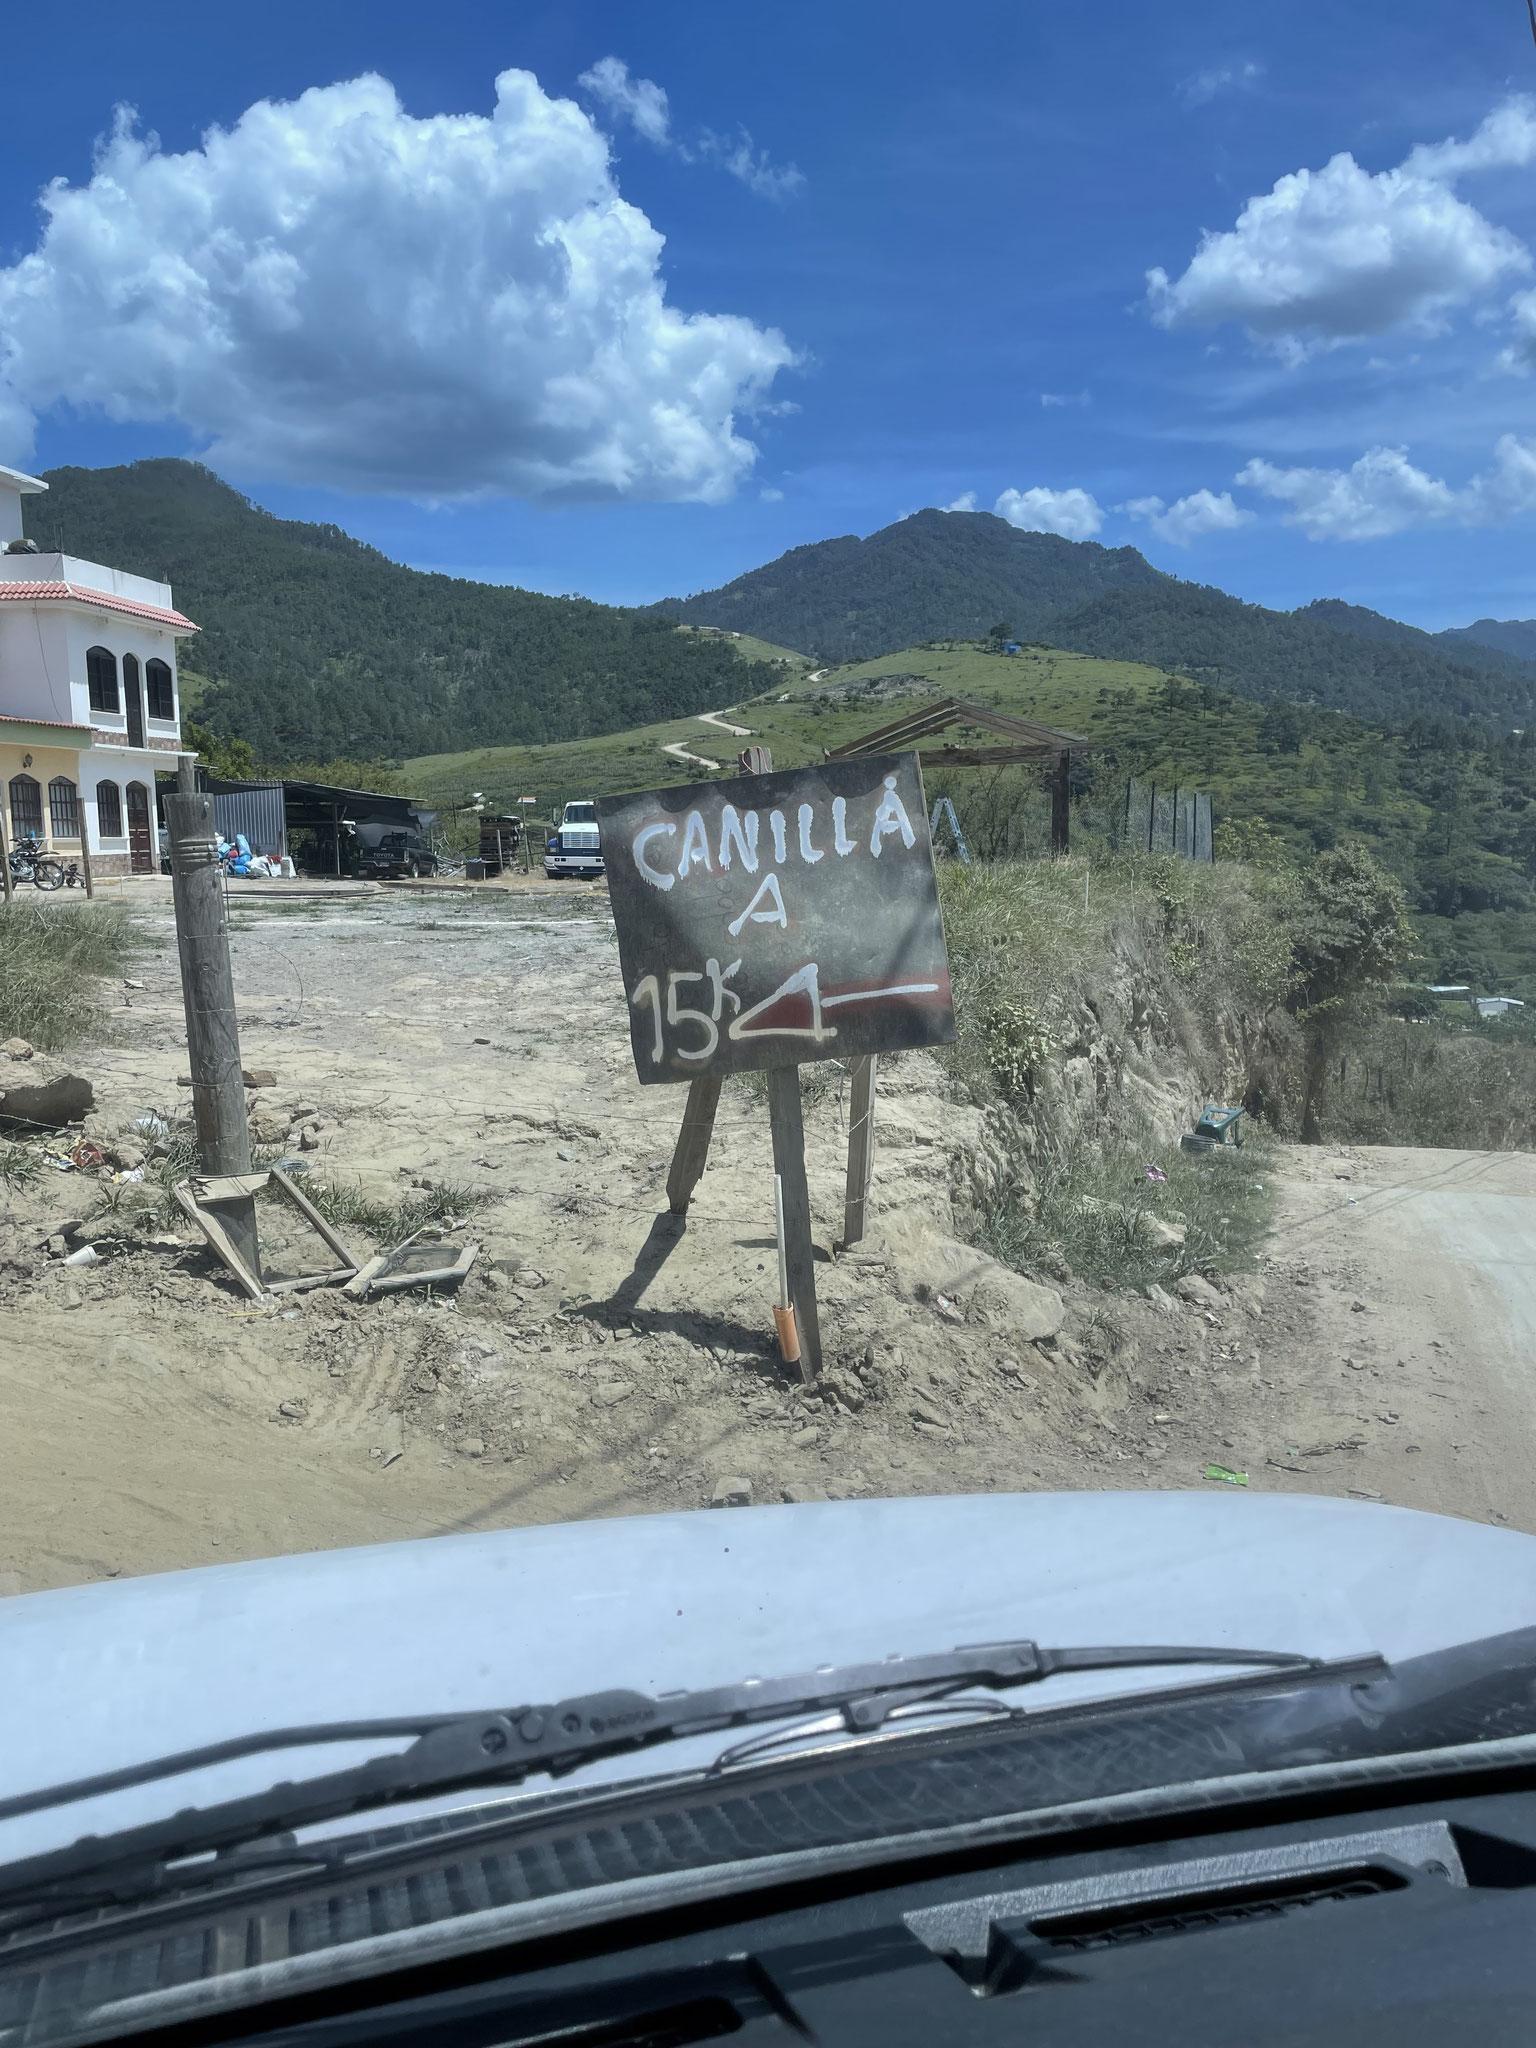 lol sign to Canilla, Quiche